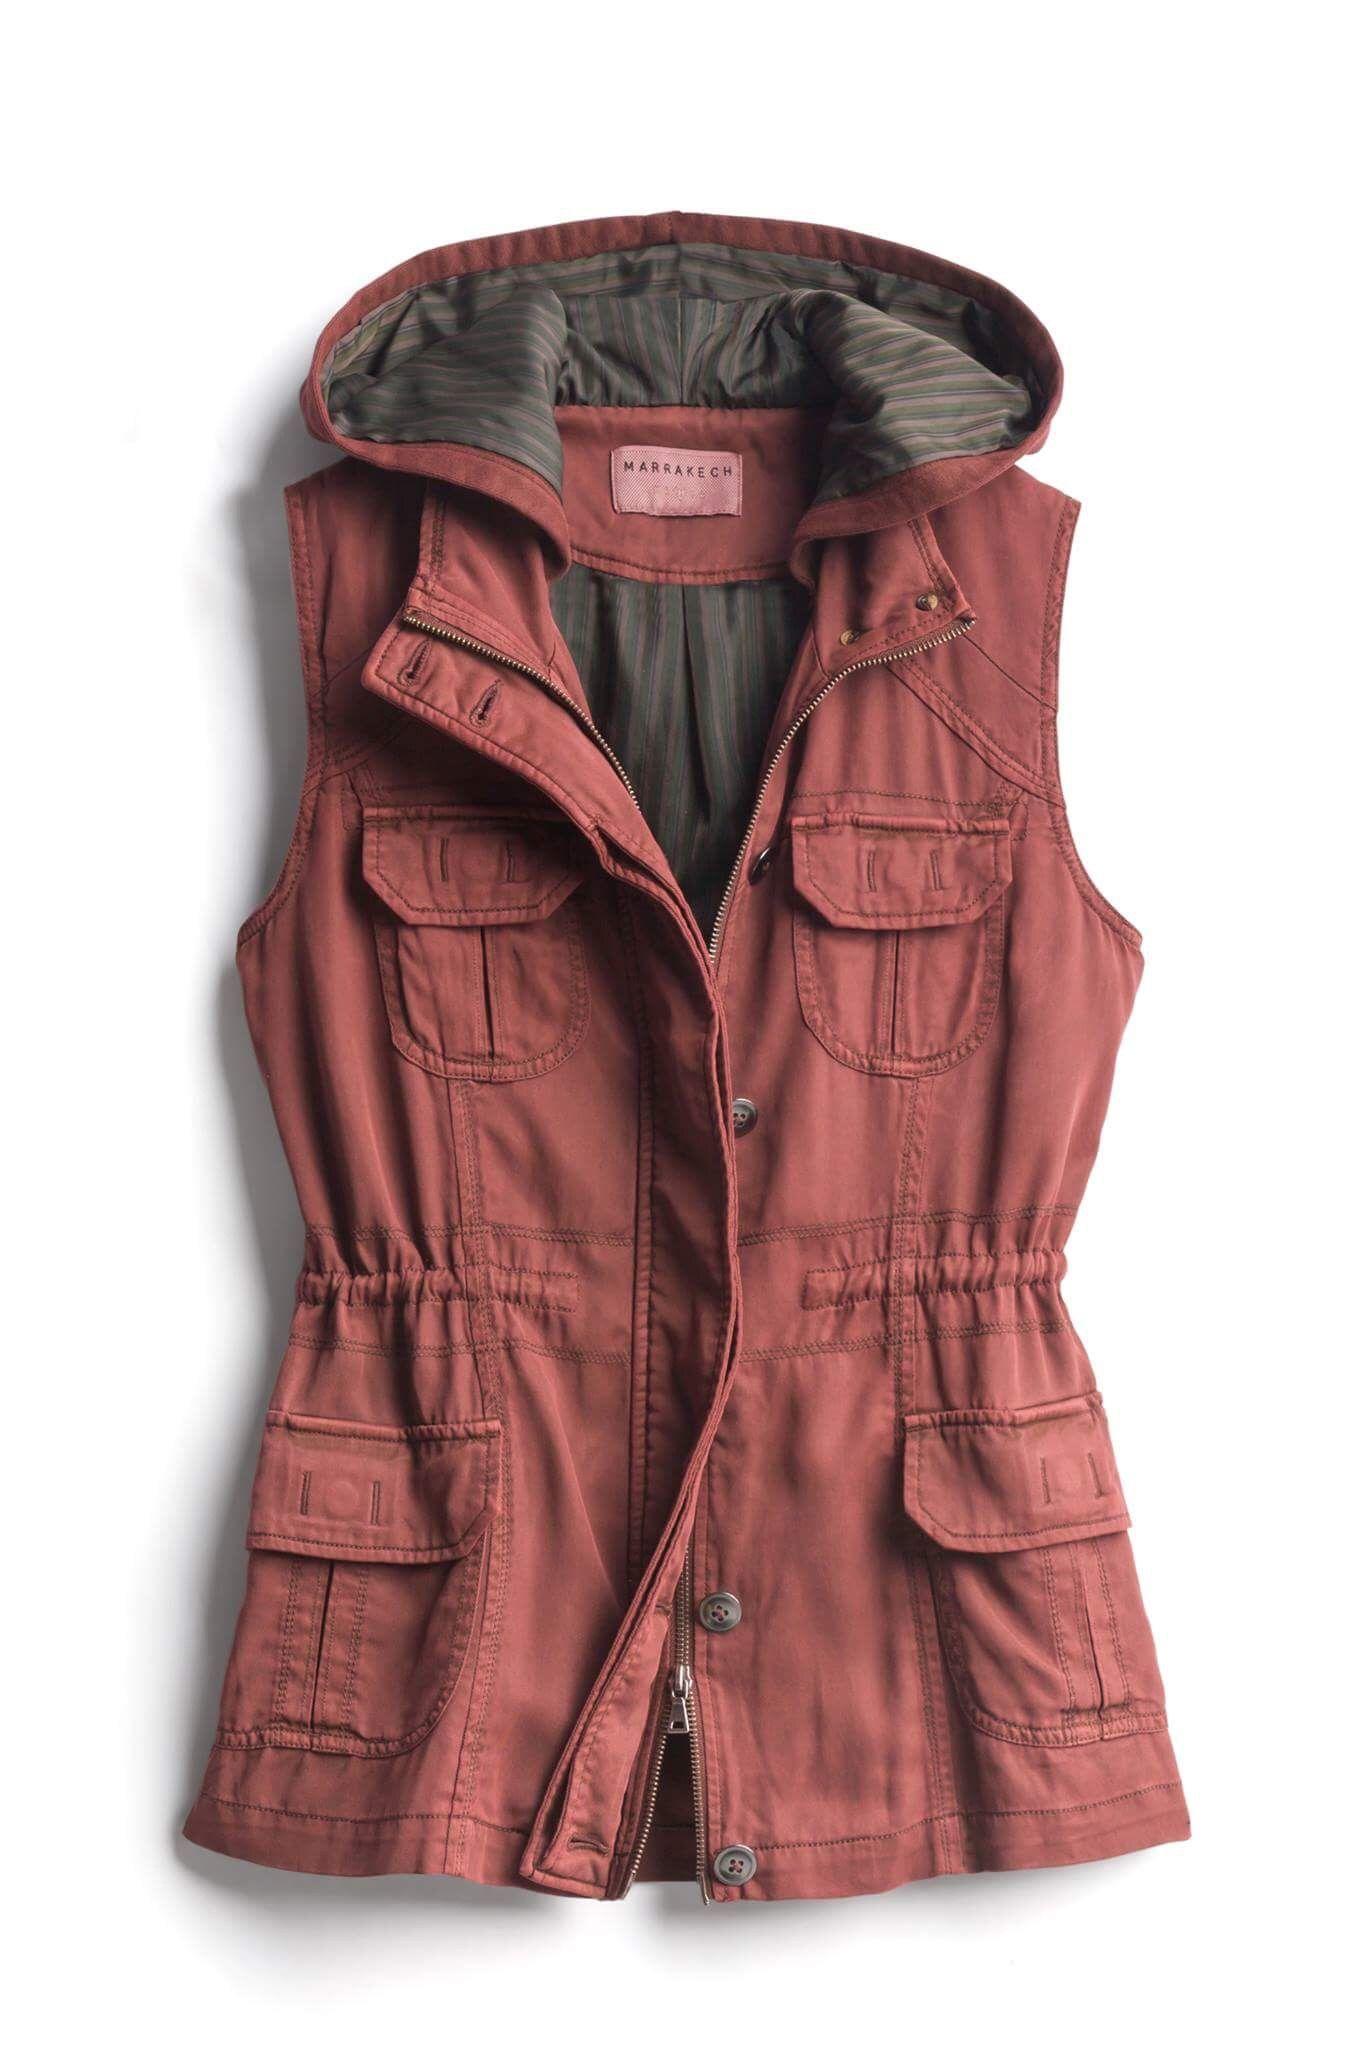 16fccb2272579e20dc742a3da9ef00df - Women's Lightweight Utility Gardening Vest